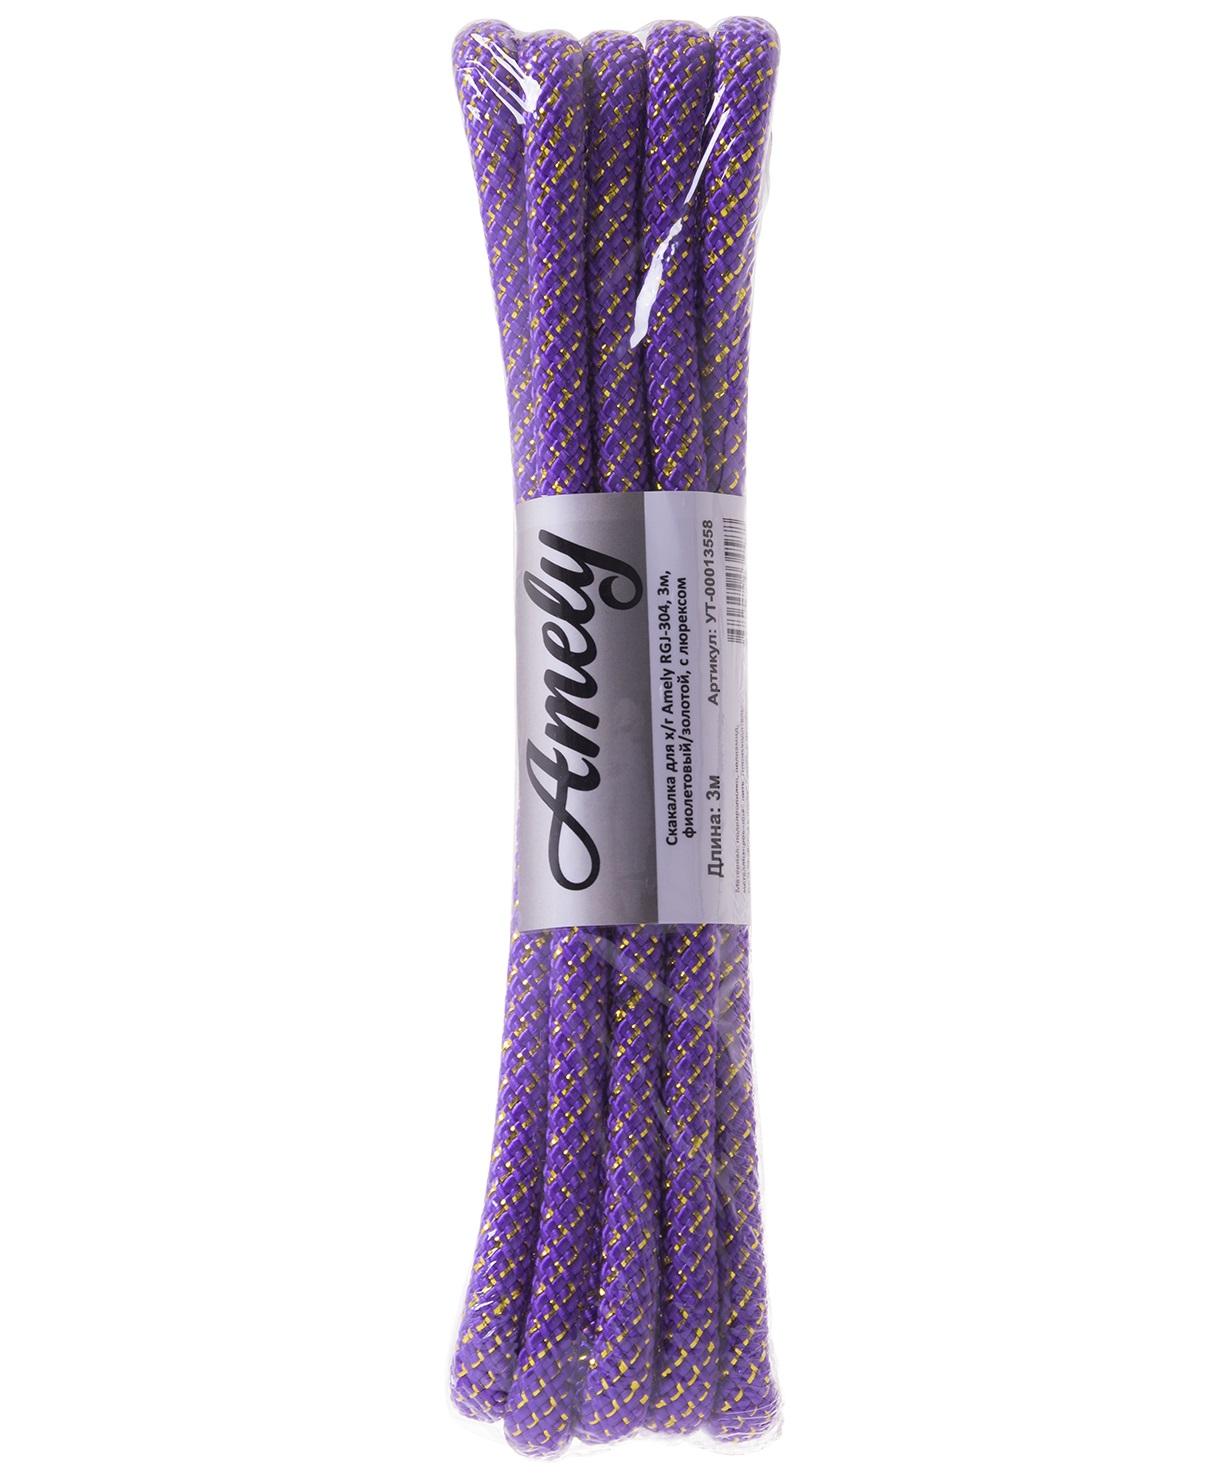 Скакалка для художественной гимнастики Amely RGJ-304, 3м, фиолетовый/золотой, с люрексом